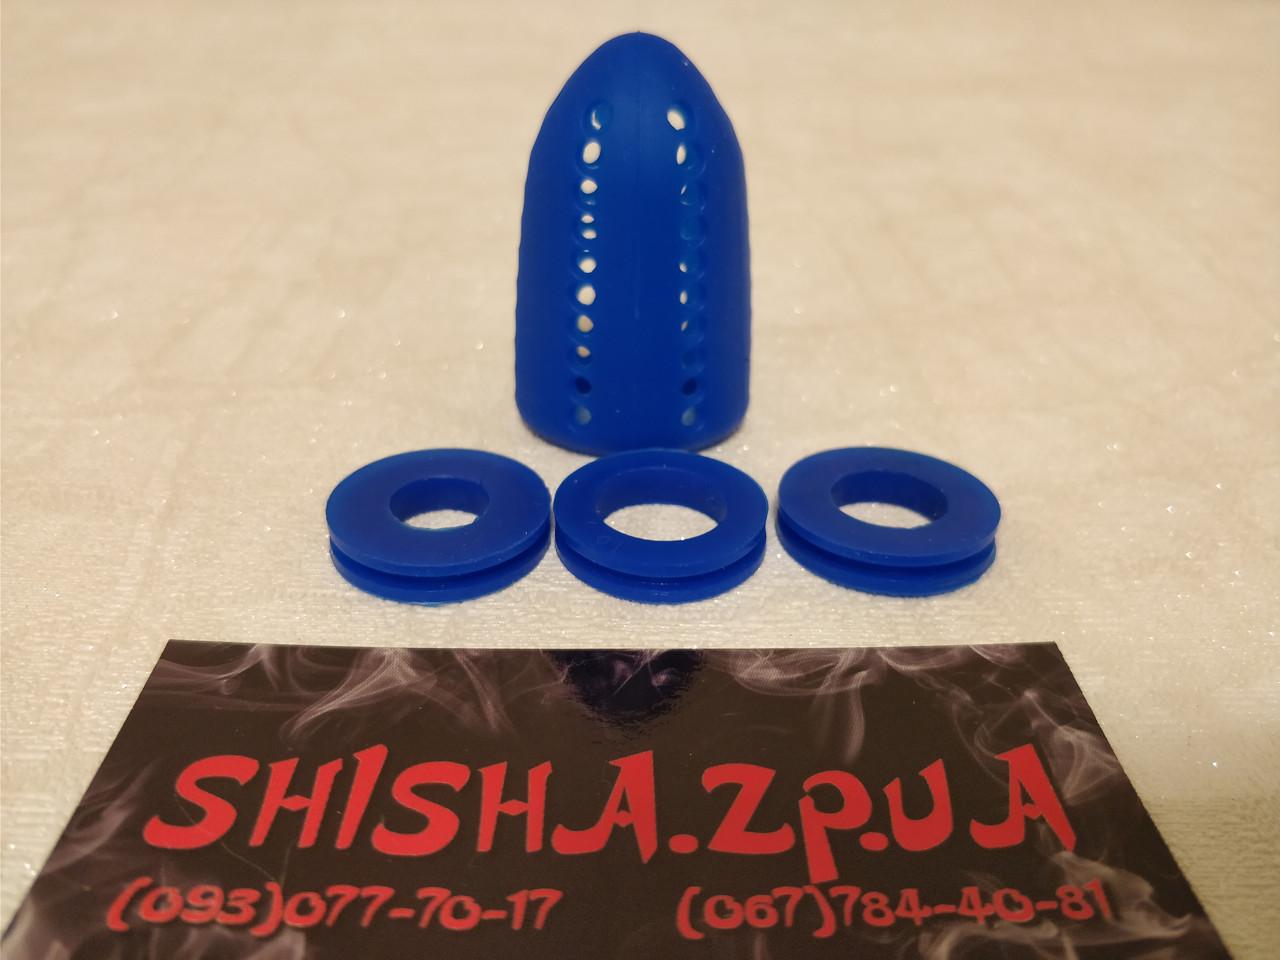 Диффузор универсальный с кольцами, цвет: синий